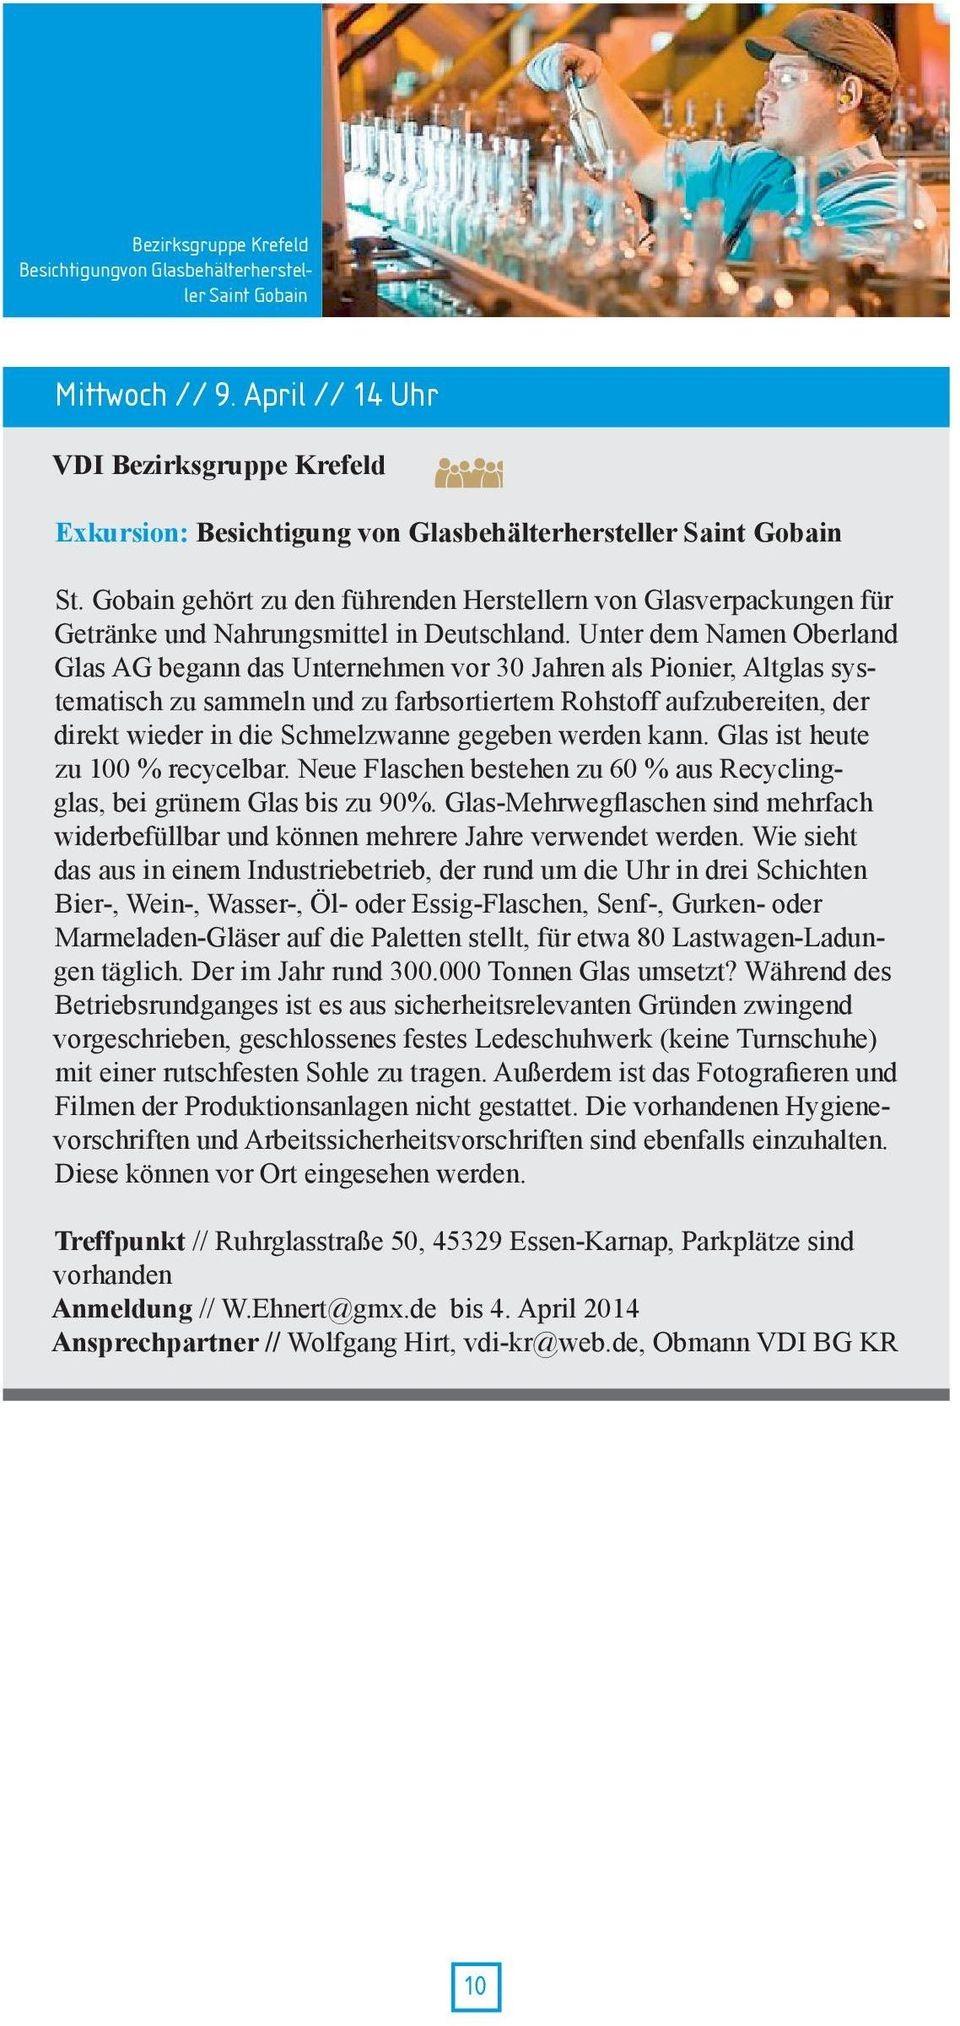 Messe Frankfurt Kalender 2019 Pdf Más Reciente Termine März April Pdf Of Messe Frankfurt Kalender 2019 Pdf Más Reciente Bewerbung Als Industriemechaniker